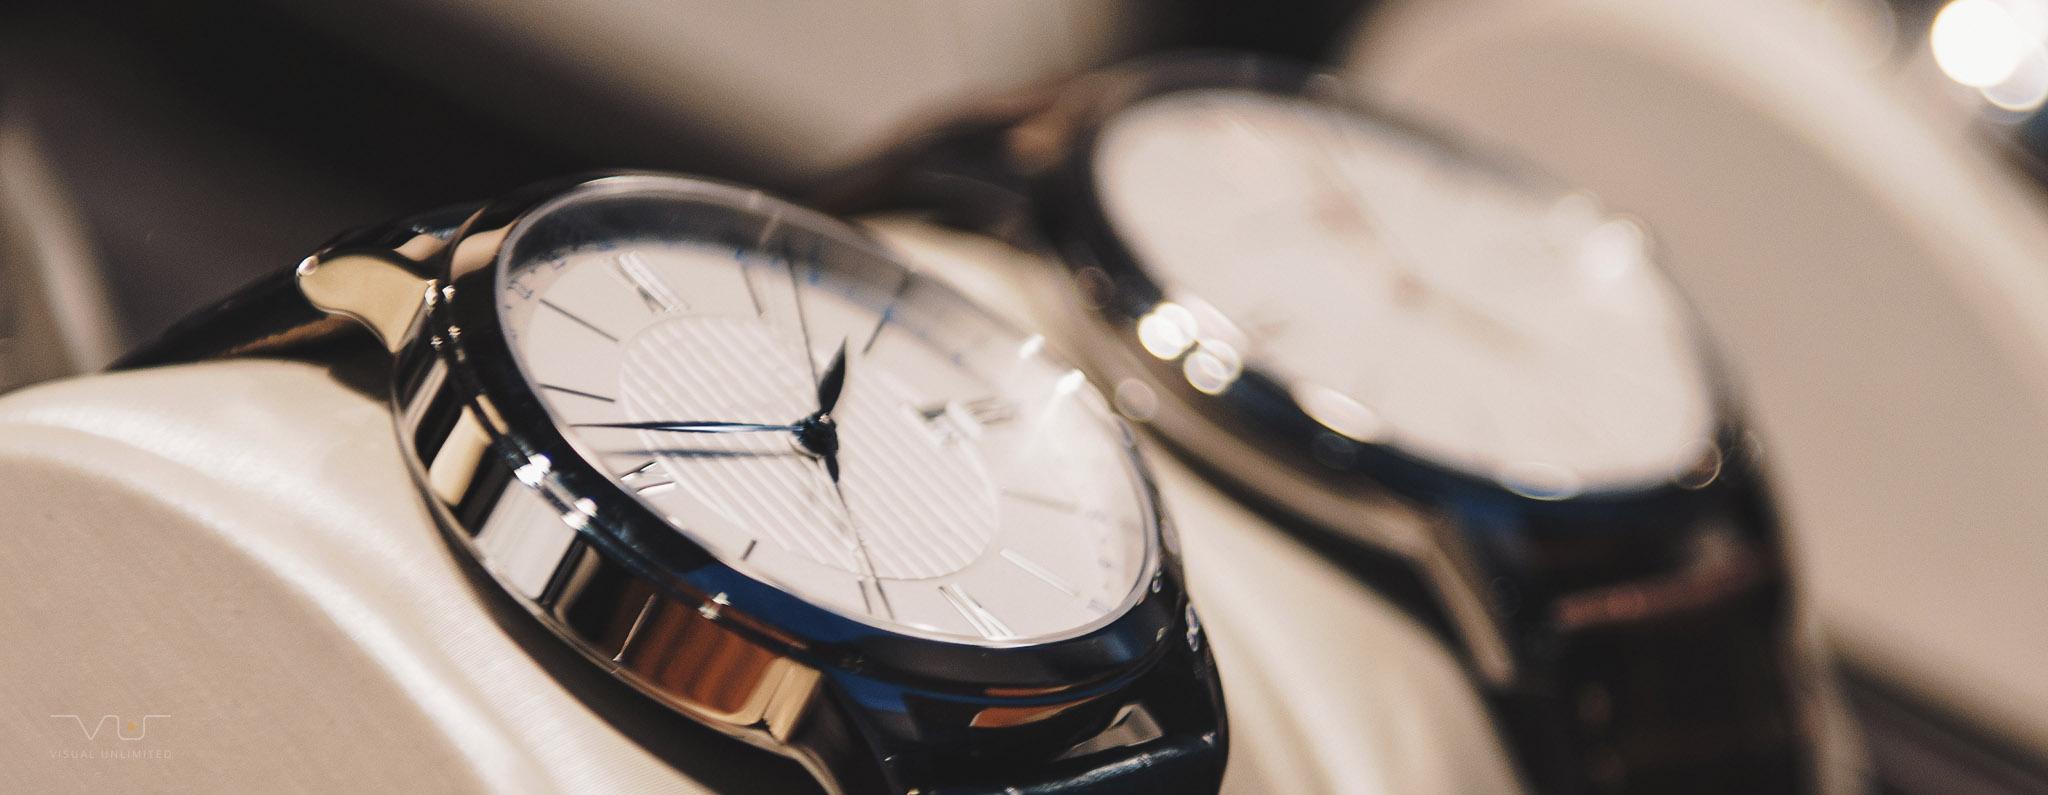 Bilder VU Header Photography 06 Armbanduhren - Watches Silver